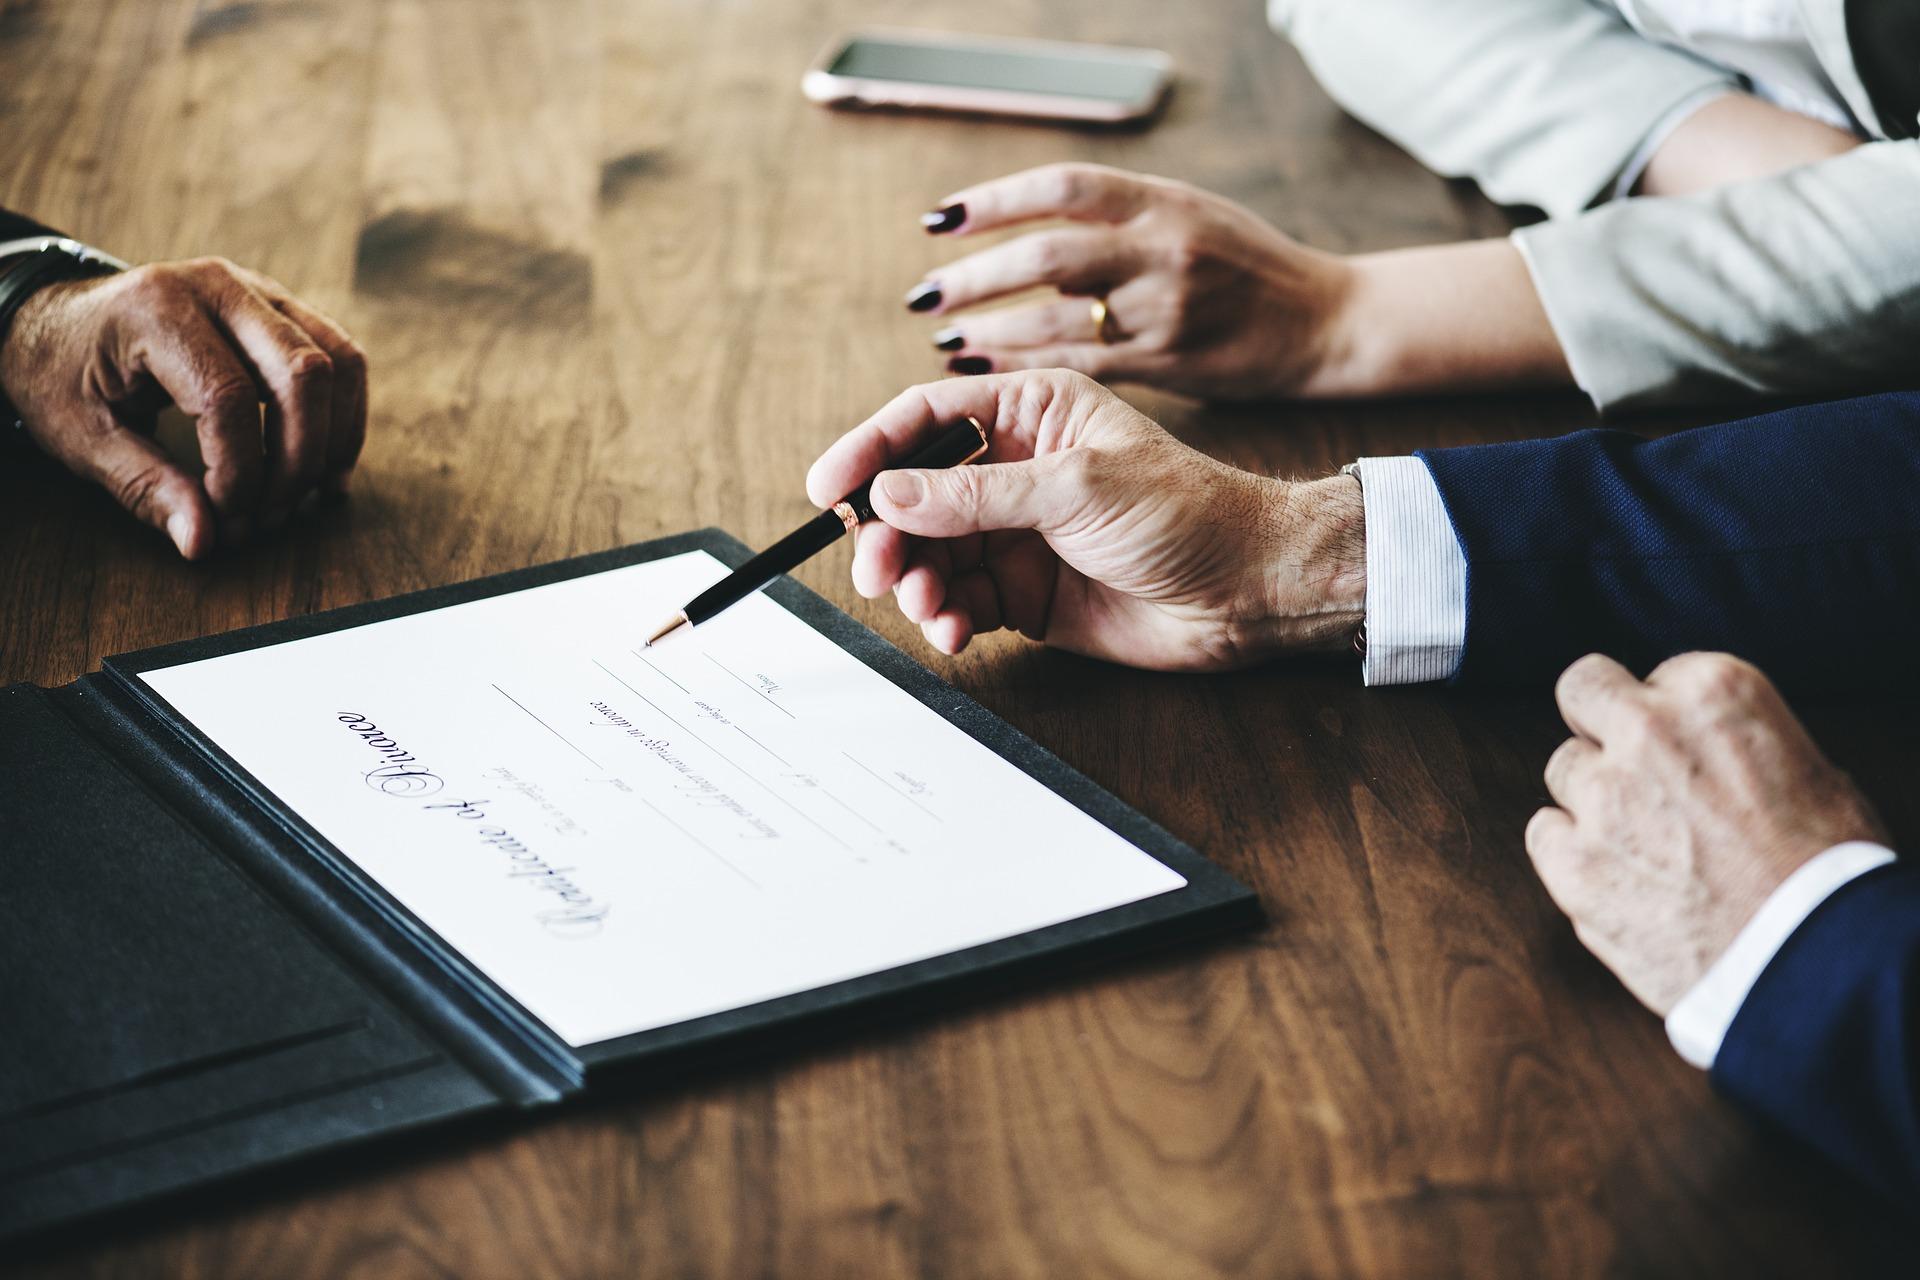 La resistencia de la esposa a liquidar el patrimonio común tras el divorcio, se considera un cambio de las circunstancias y justifica el desalojo de la vivienda